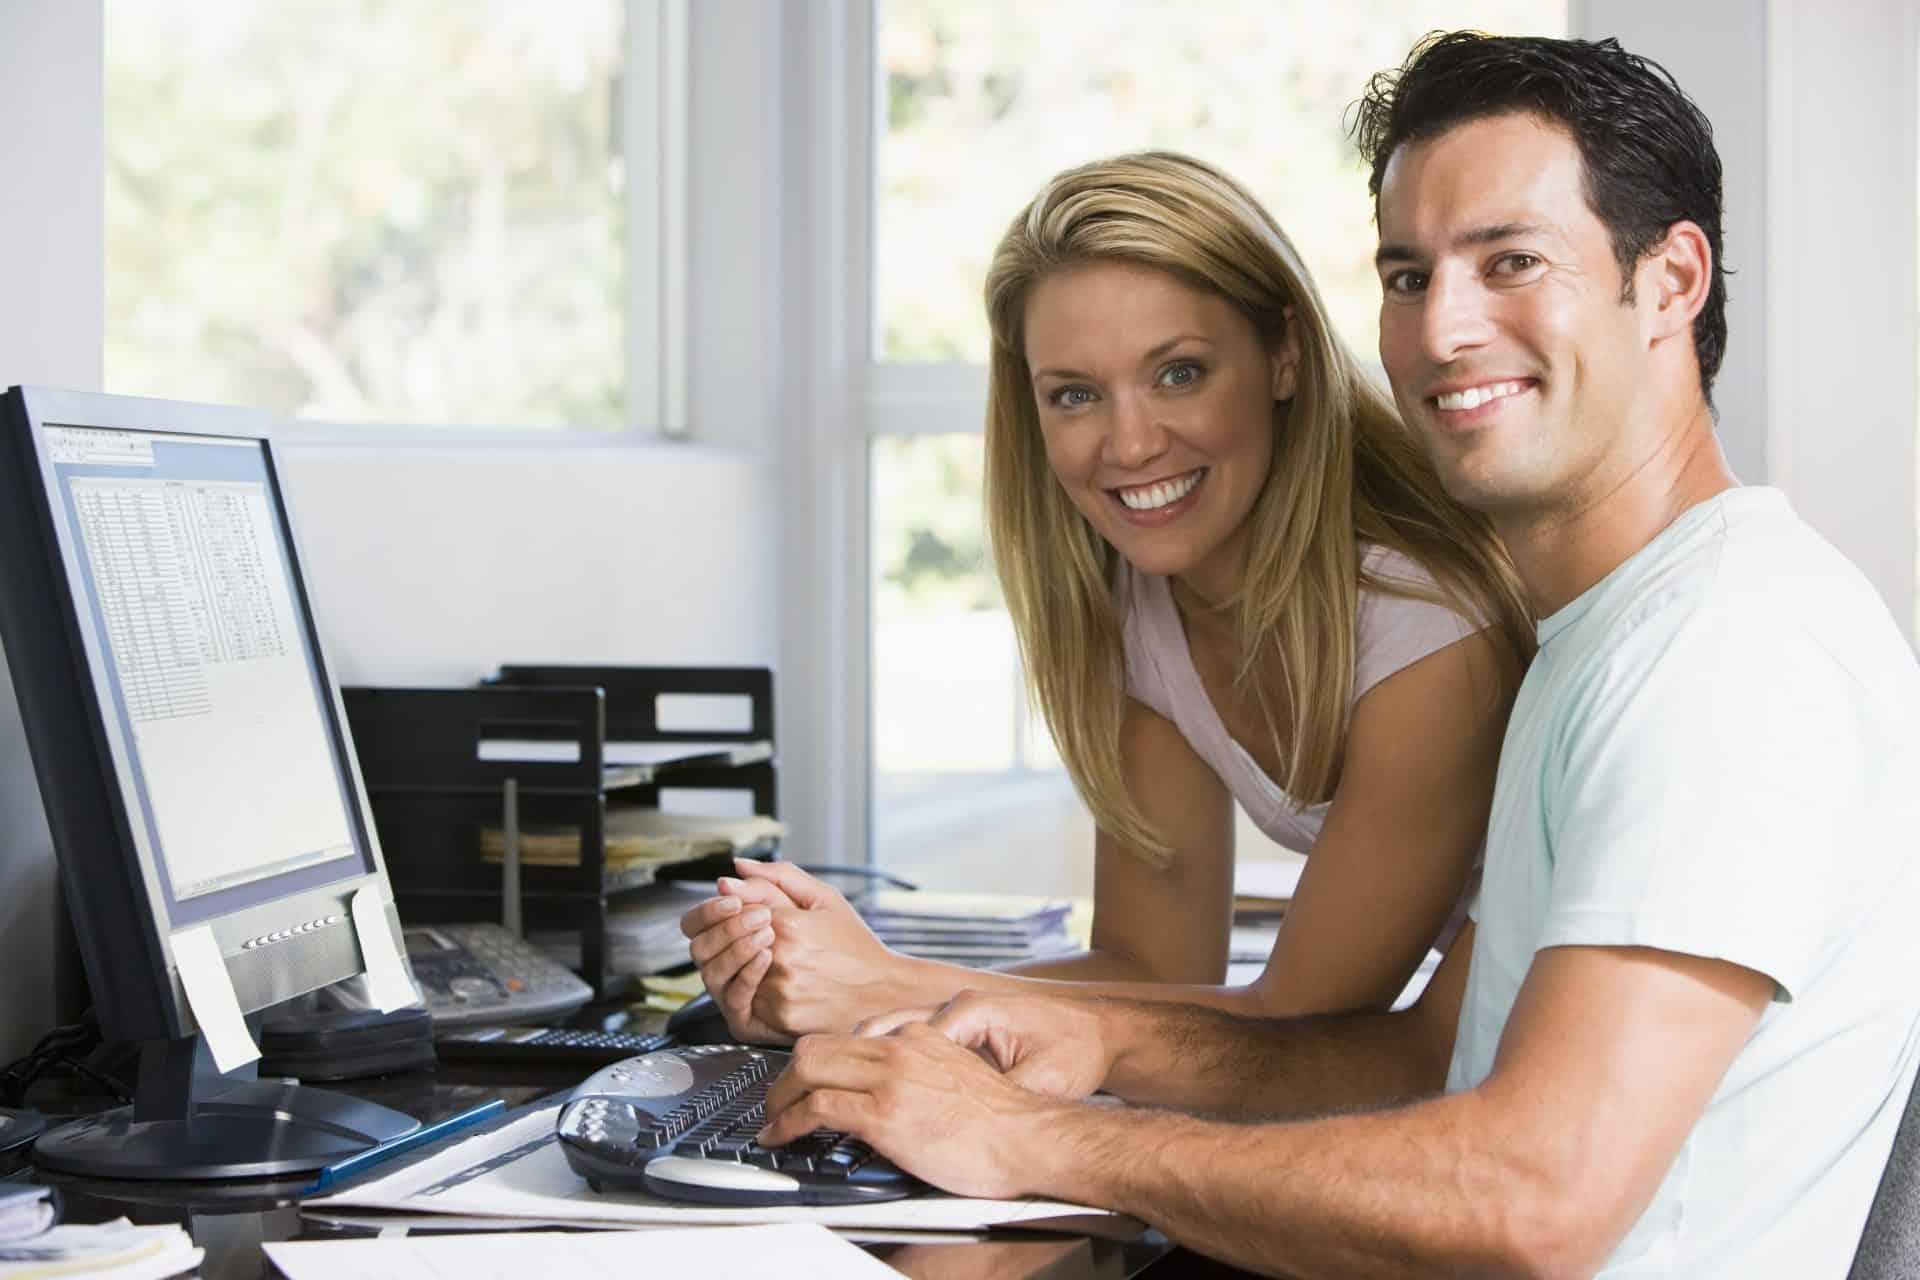 супруги могут работать вместе